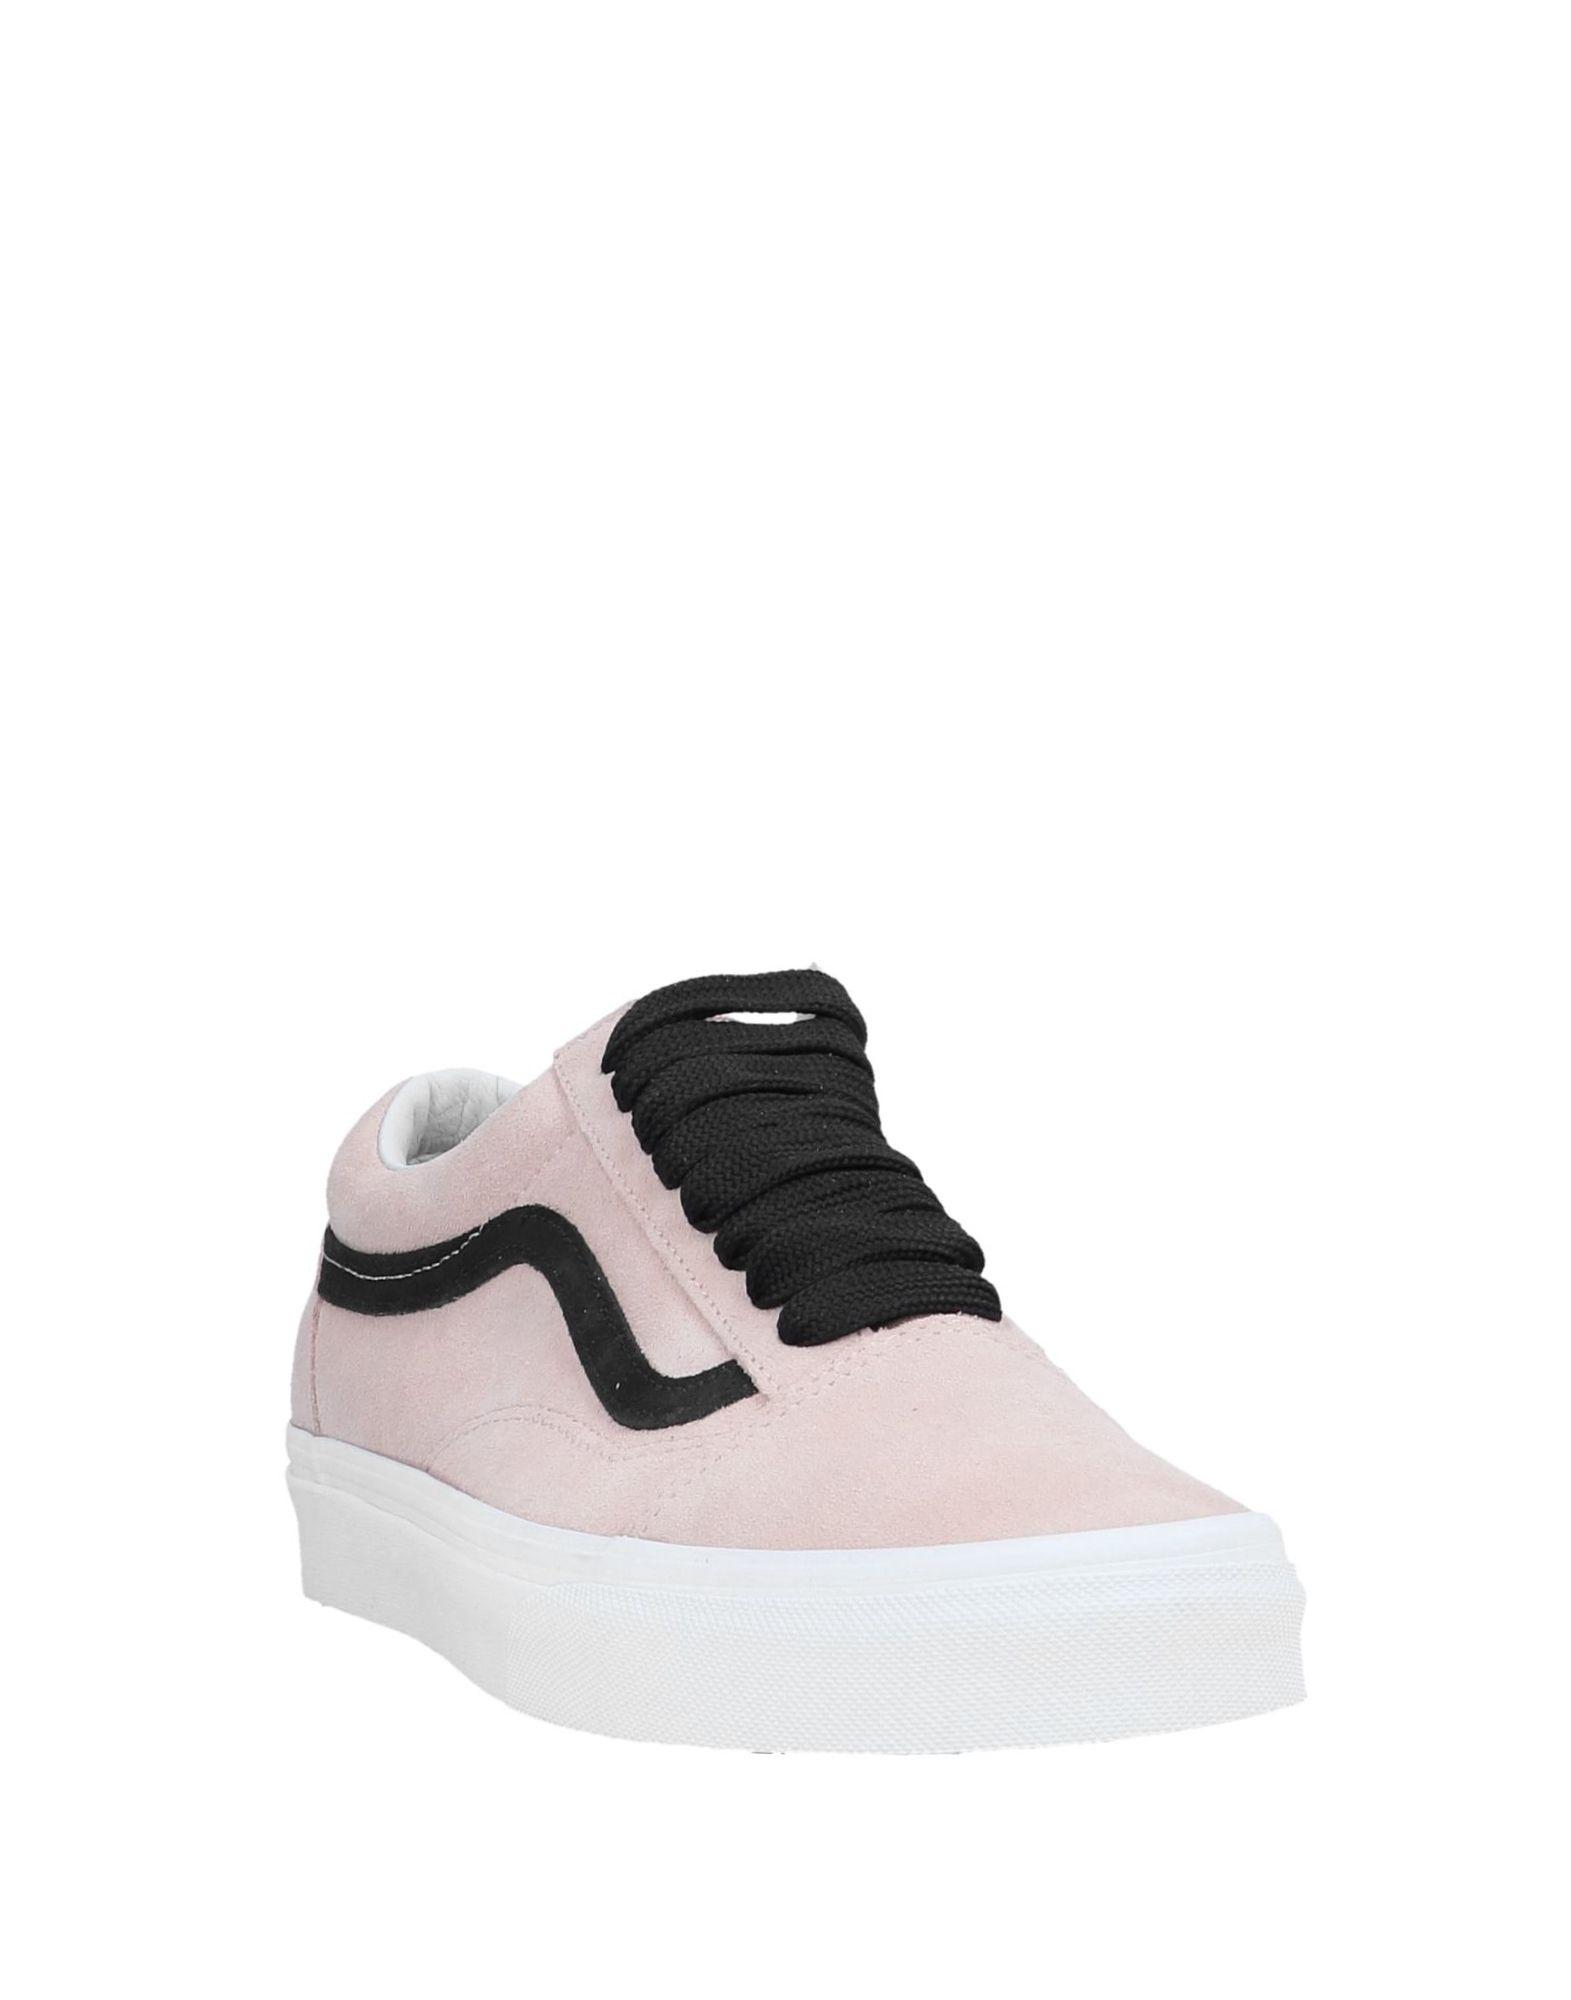 Vans Sneakers Herren Gutes Preis-Leistungs-Verhältnis, lohnt es lohnt Preis-Leistungs-Verhältnis, sich f3b19a